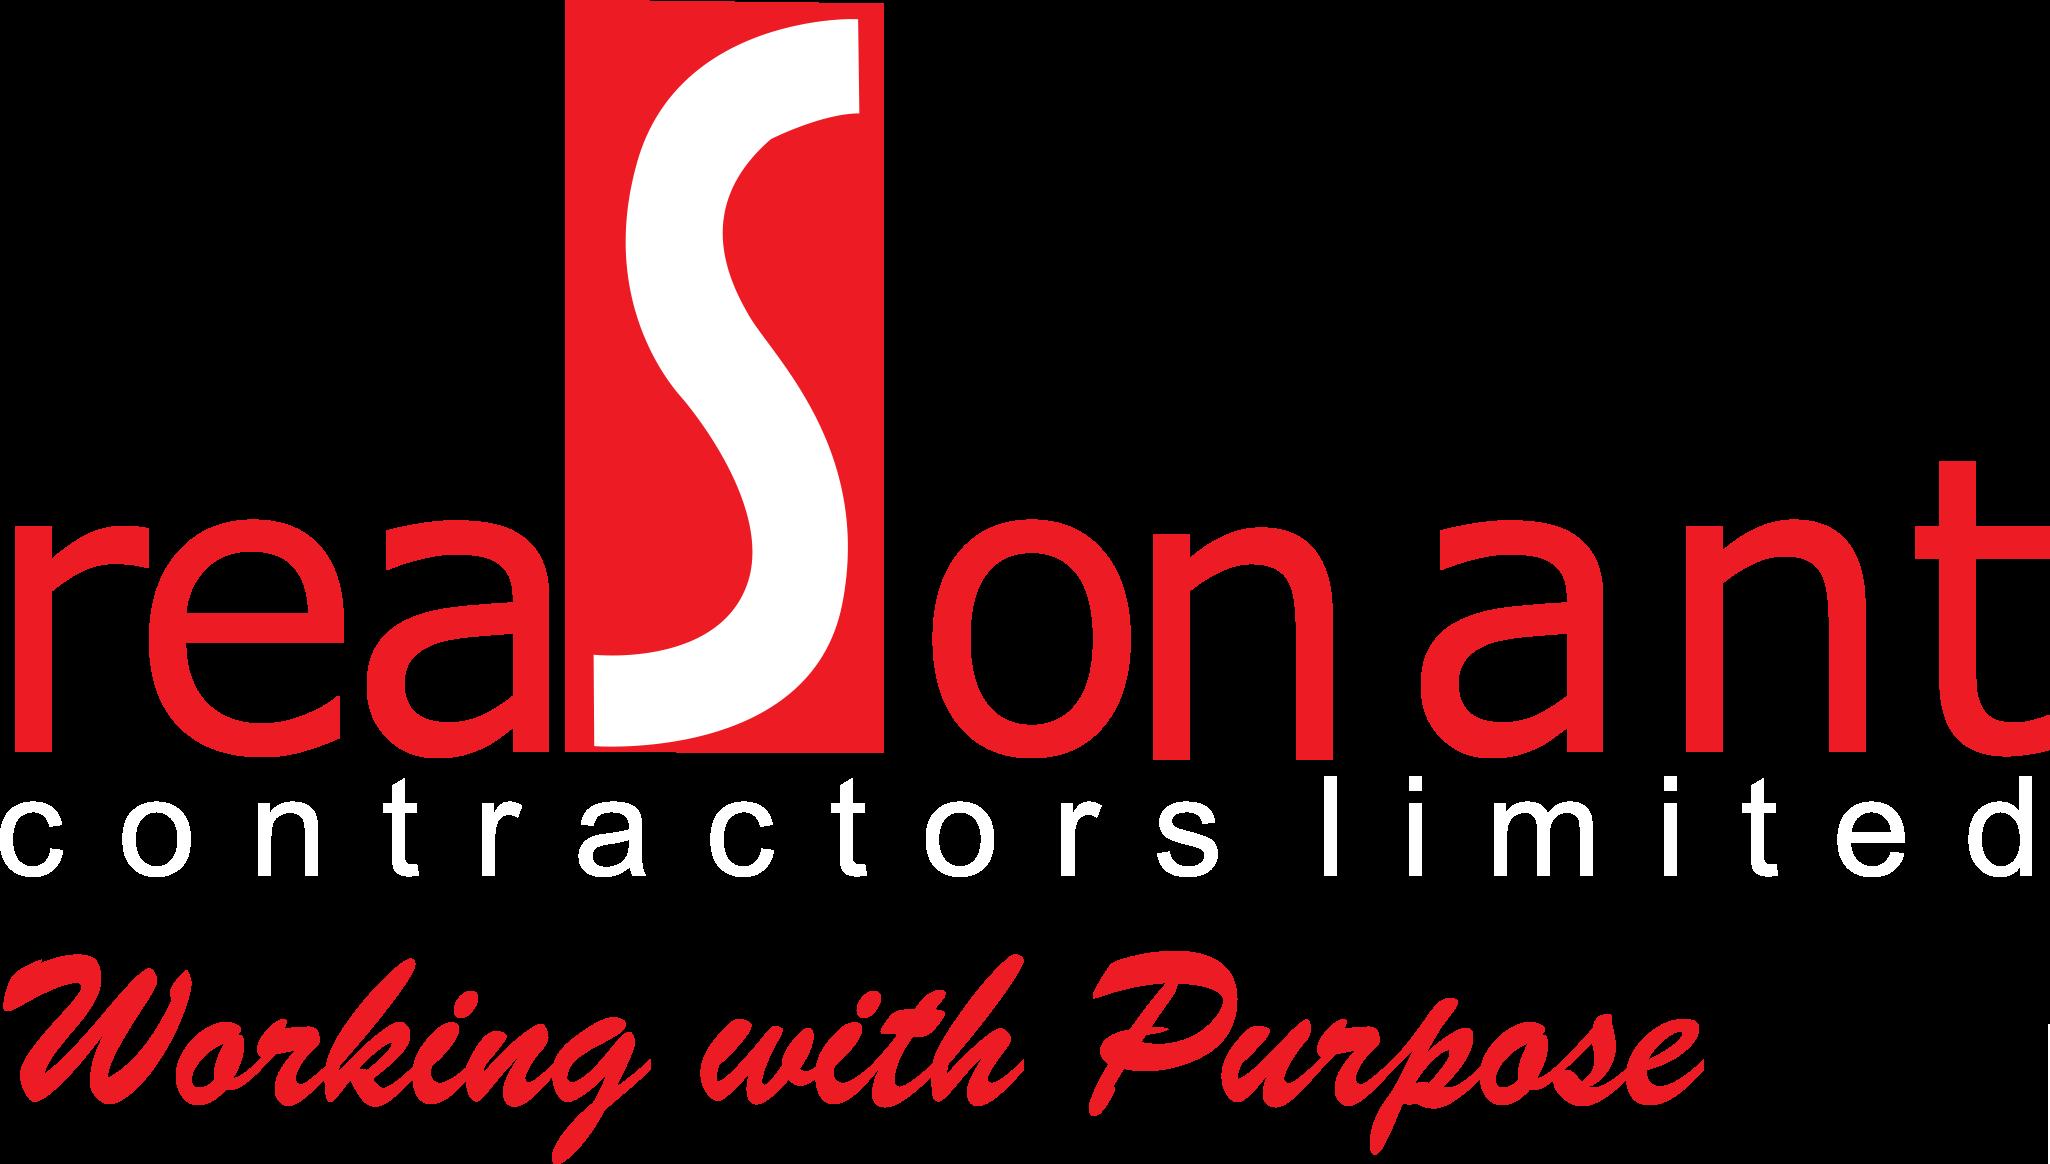 Reasonant Contractors Ltd